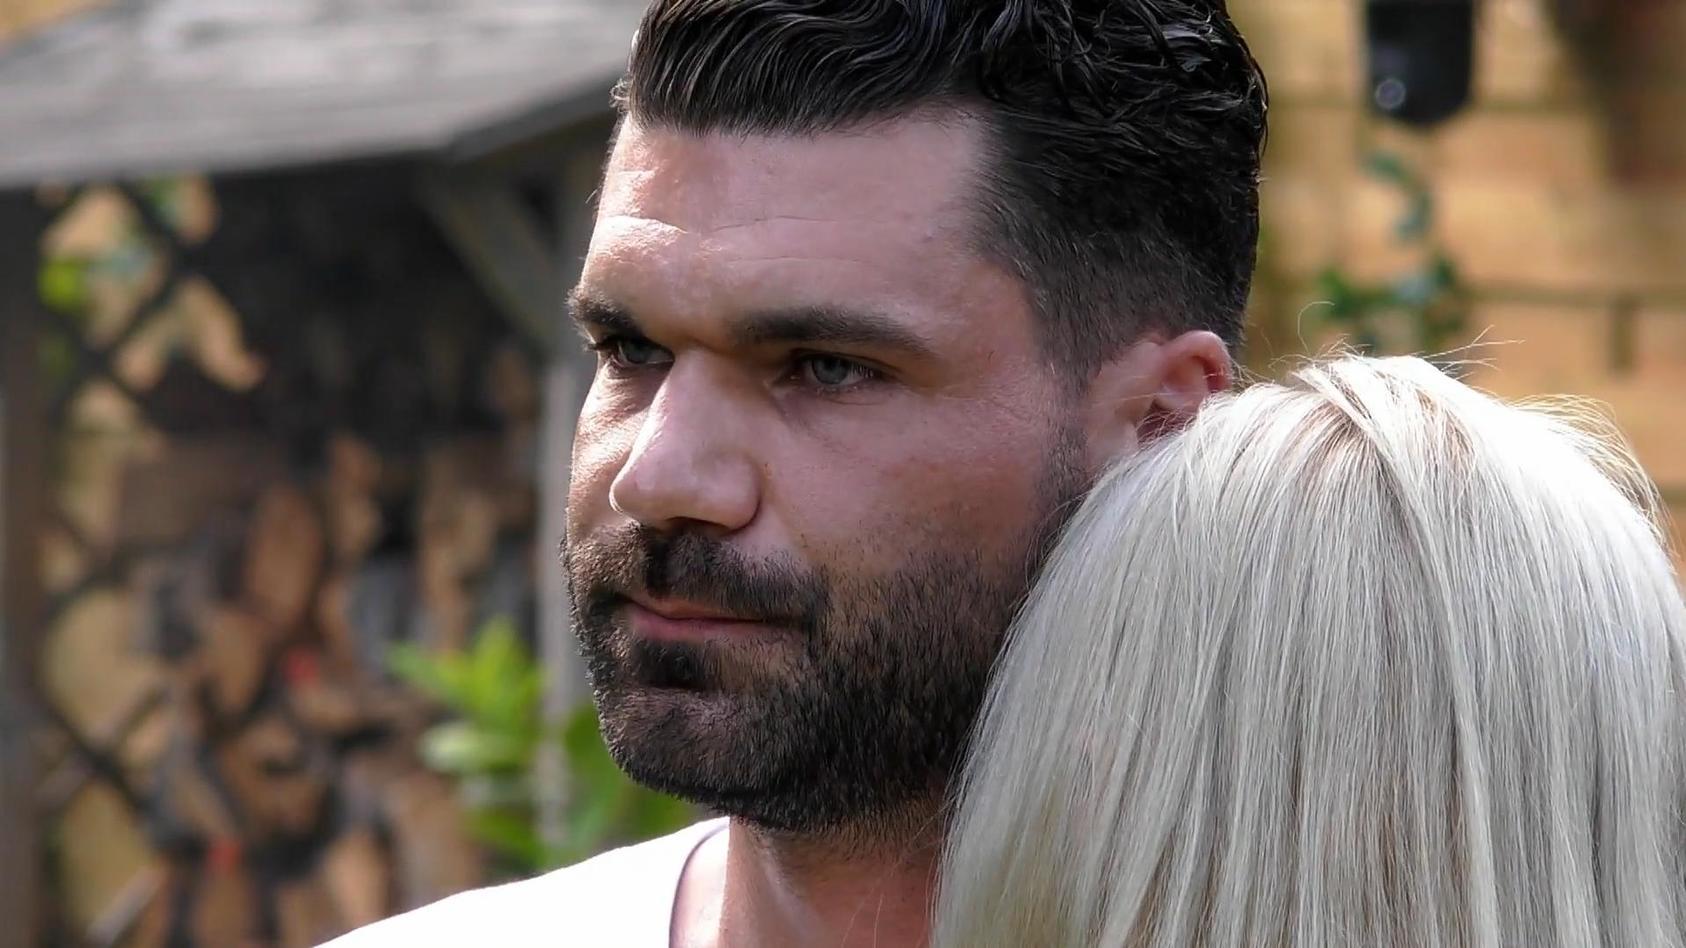 Mike Cees-Monballijn entschuldigt sich in einem öffentlichen Statement bei seiner Frau Michelle.